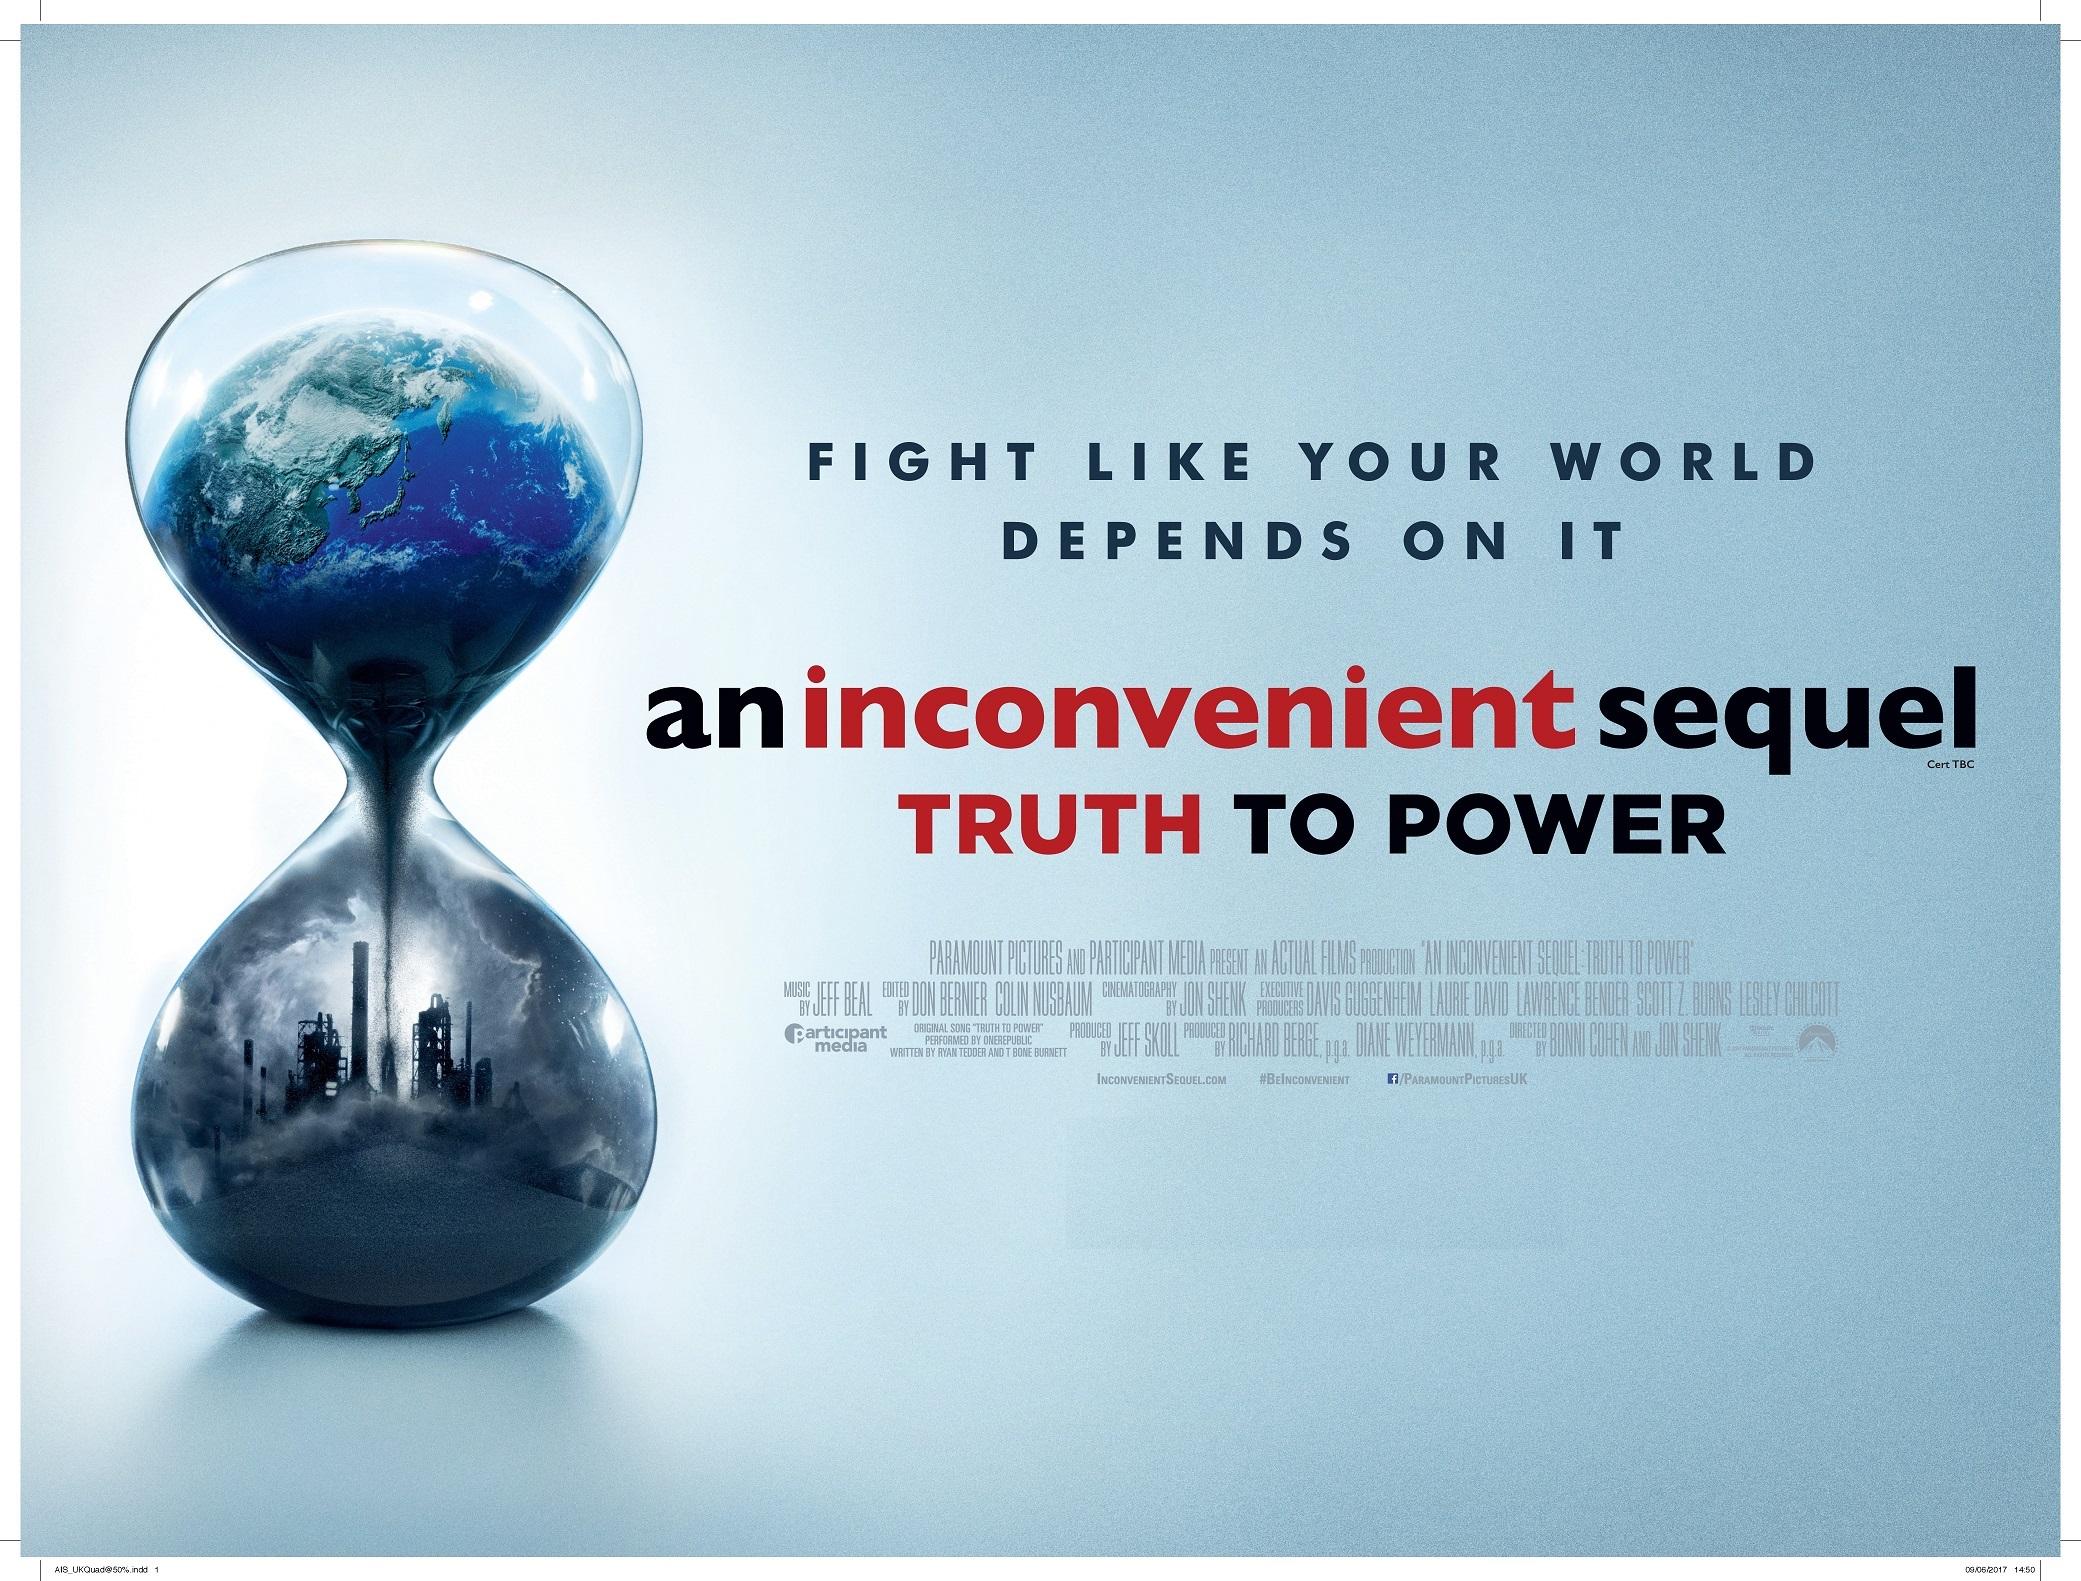 movie-screening-an-inconvenient-sequel.jpg